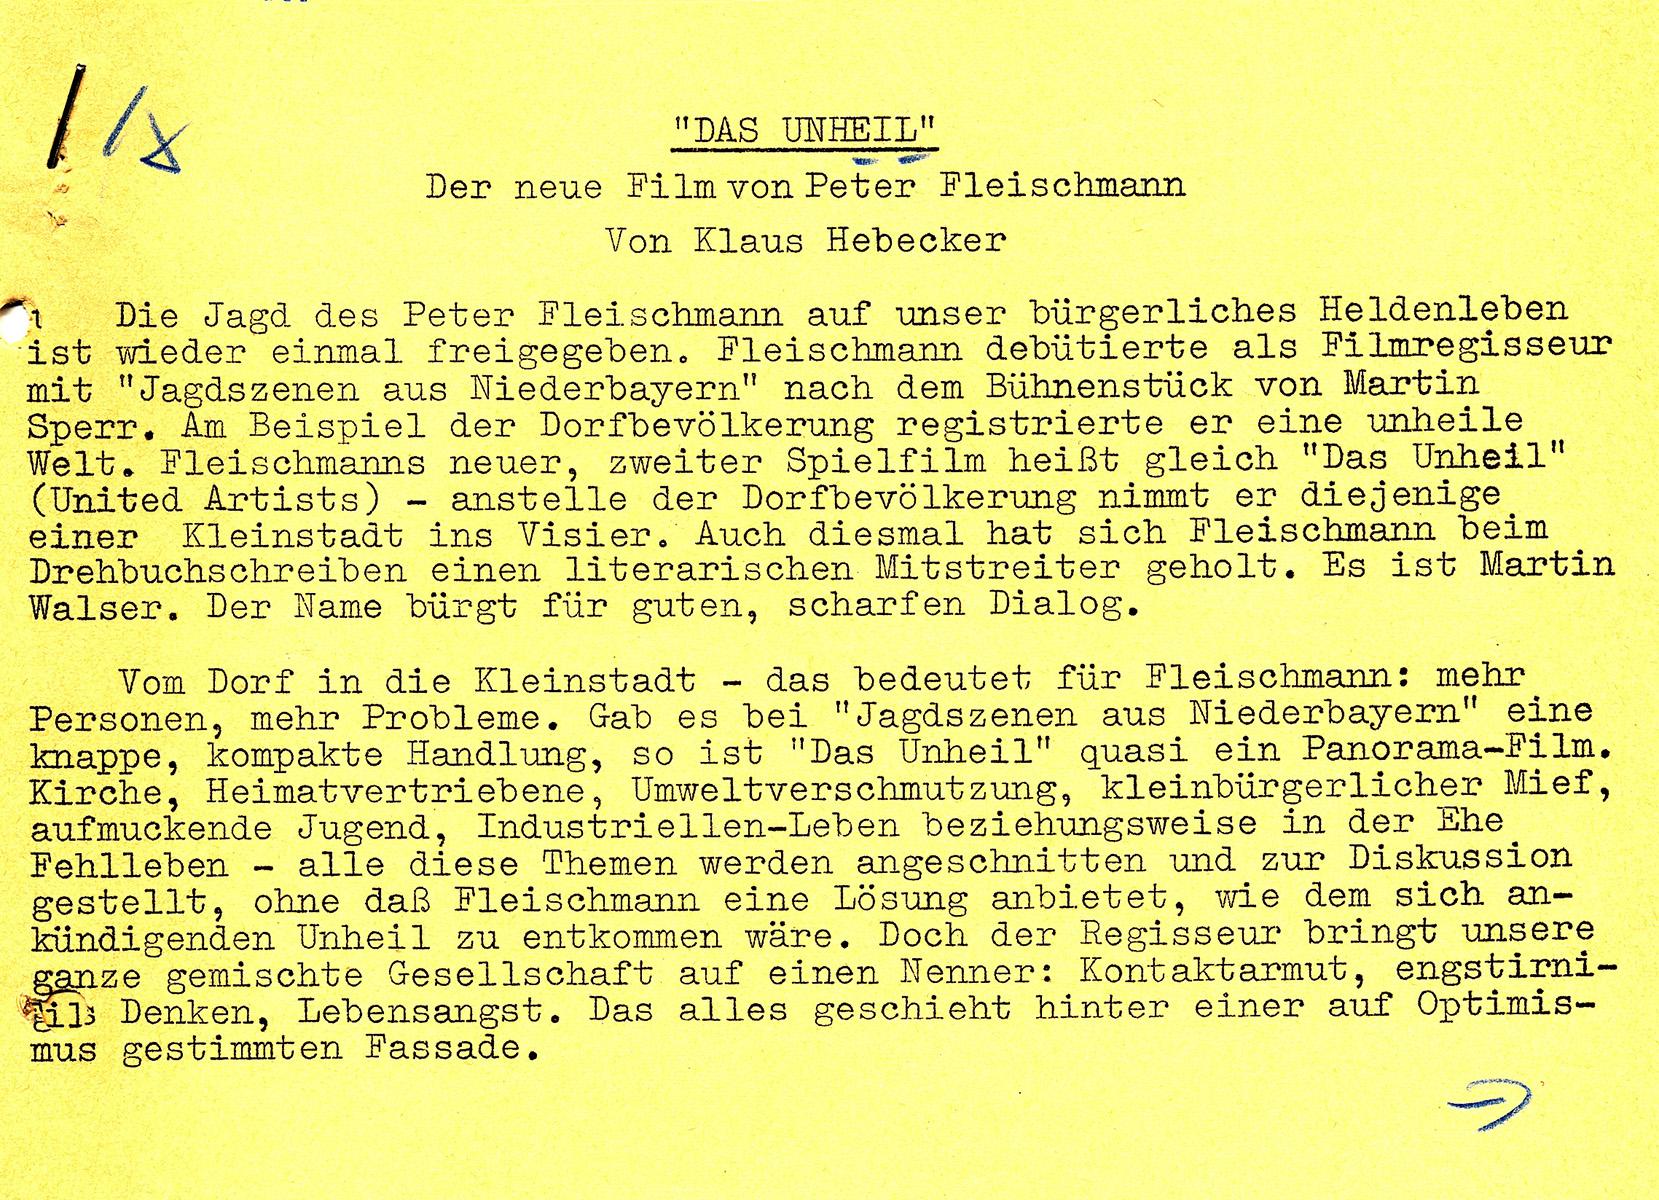 Artikael von Klaus Hebecker Seite 1